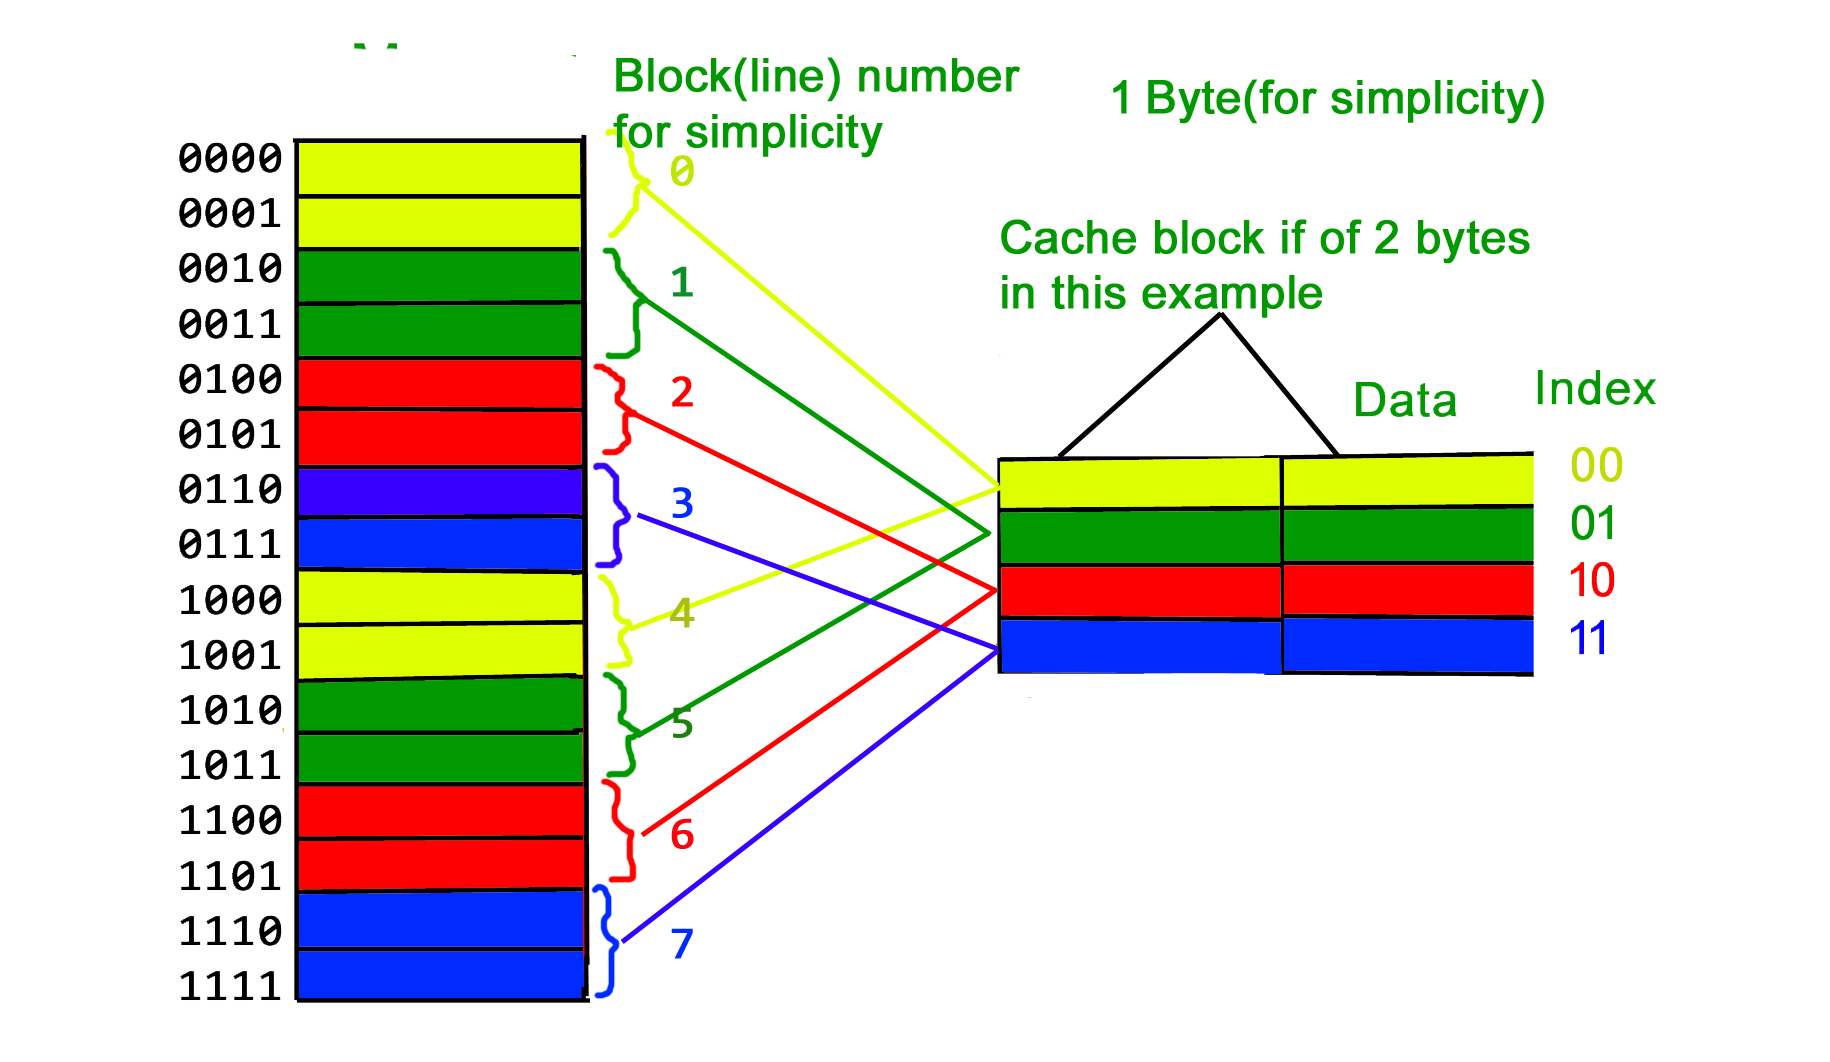 cacheBlock